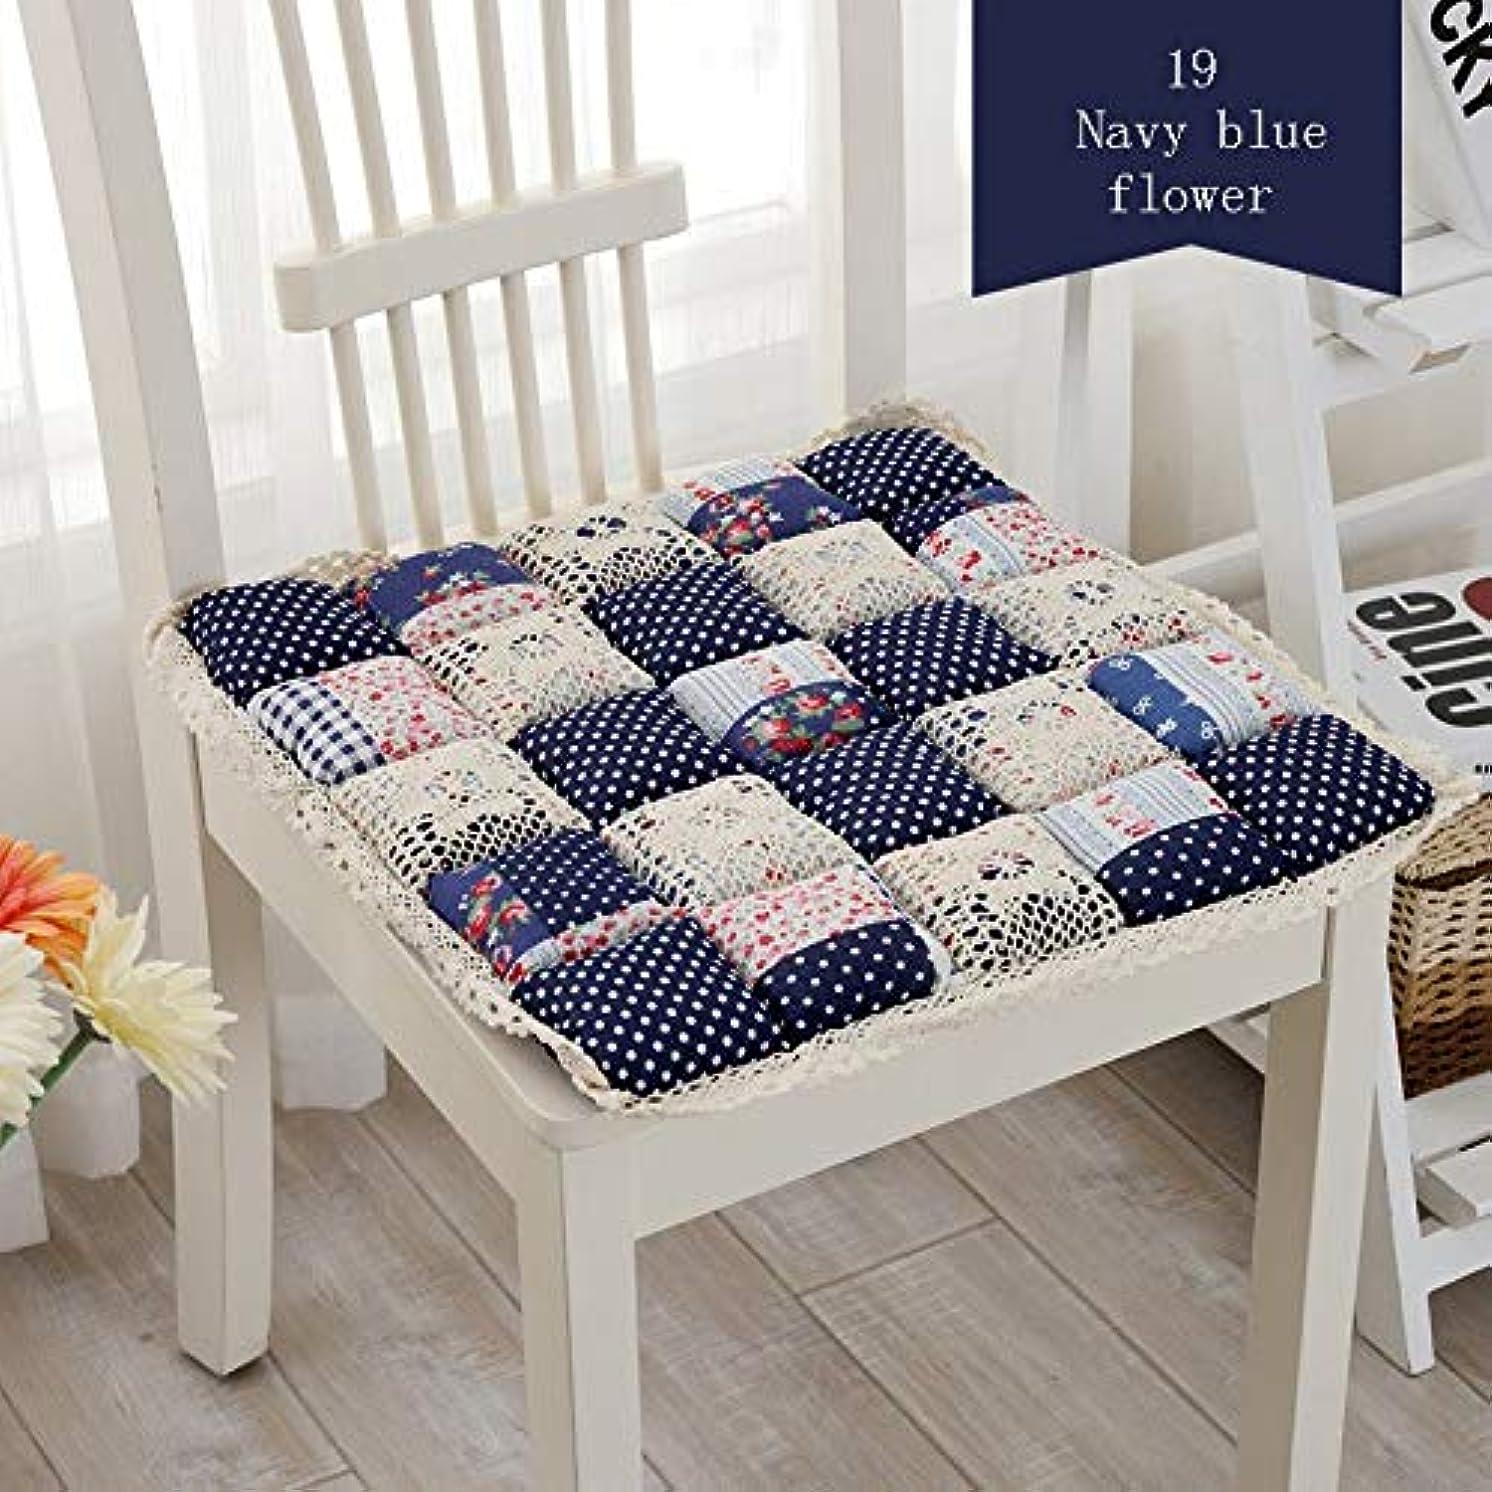 口実シダ六LIFE 1 個抗褥瘡綿椅子クッション 24 色ファッションオフィス正方形クッション学生チェアクッション家の装飾厚み クッション 椅子